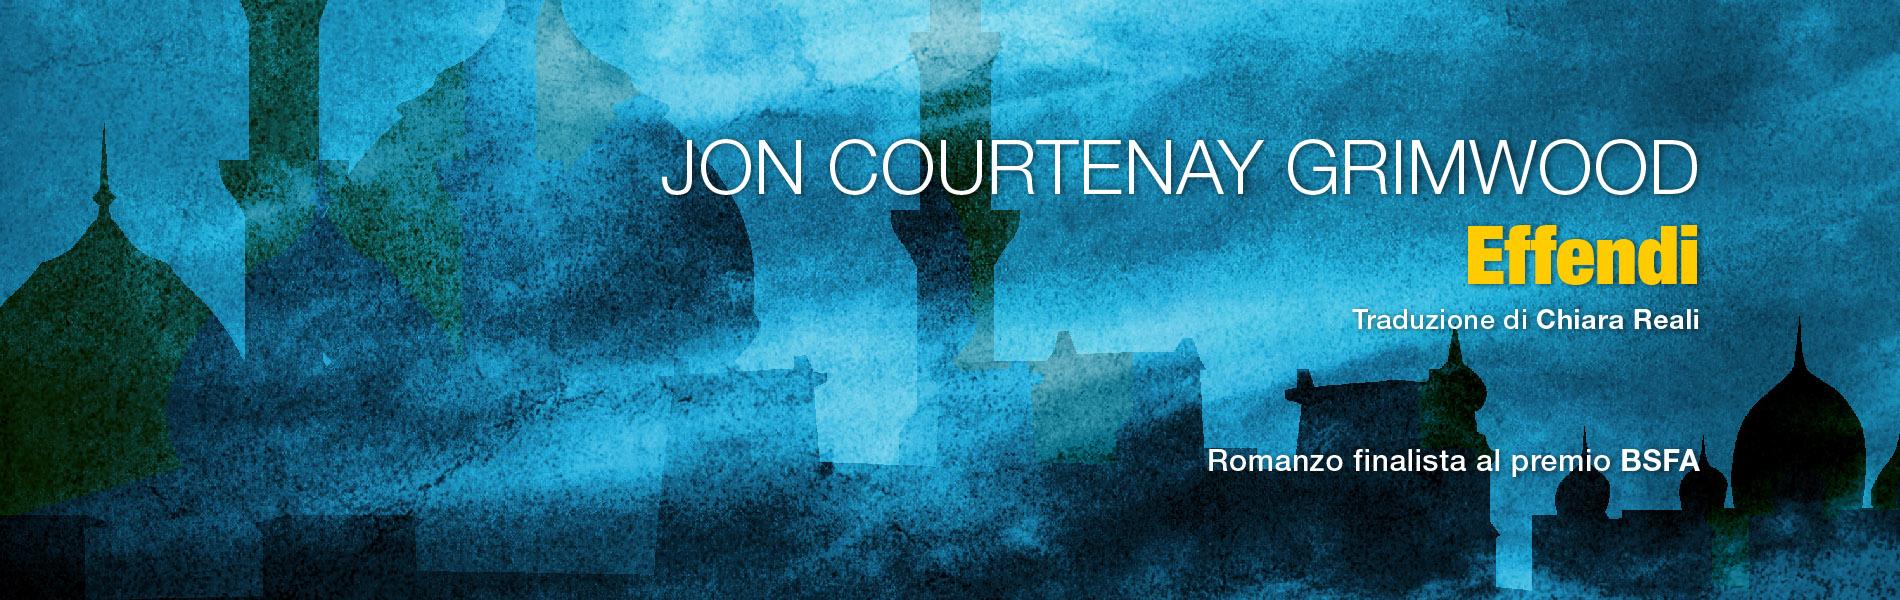 Effendi, di Jon Courtenay Grimwood